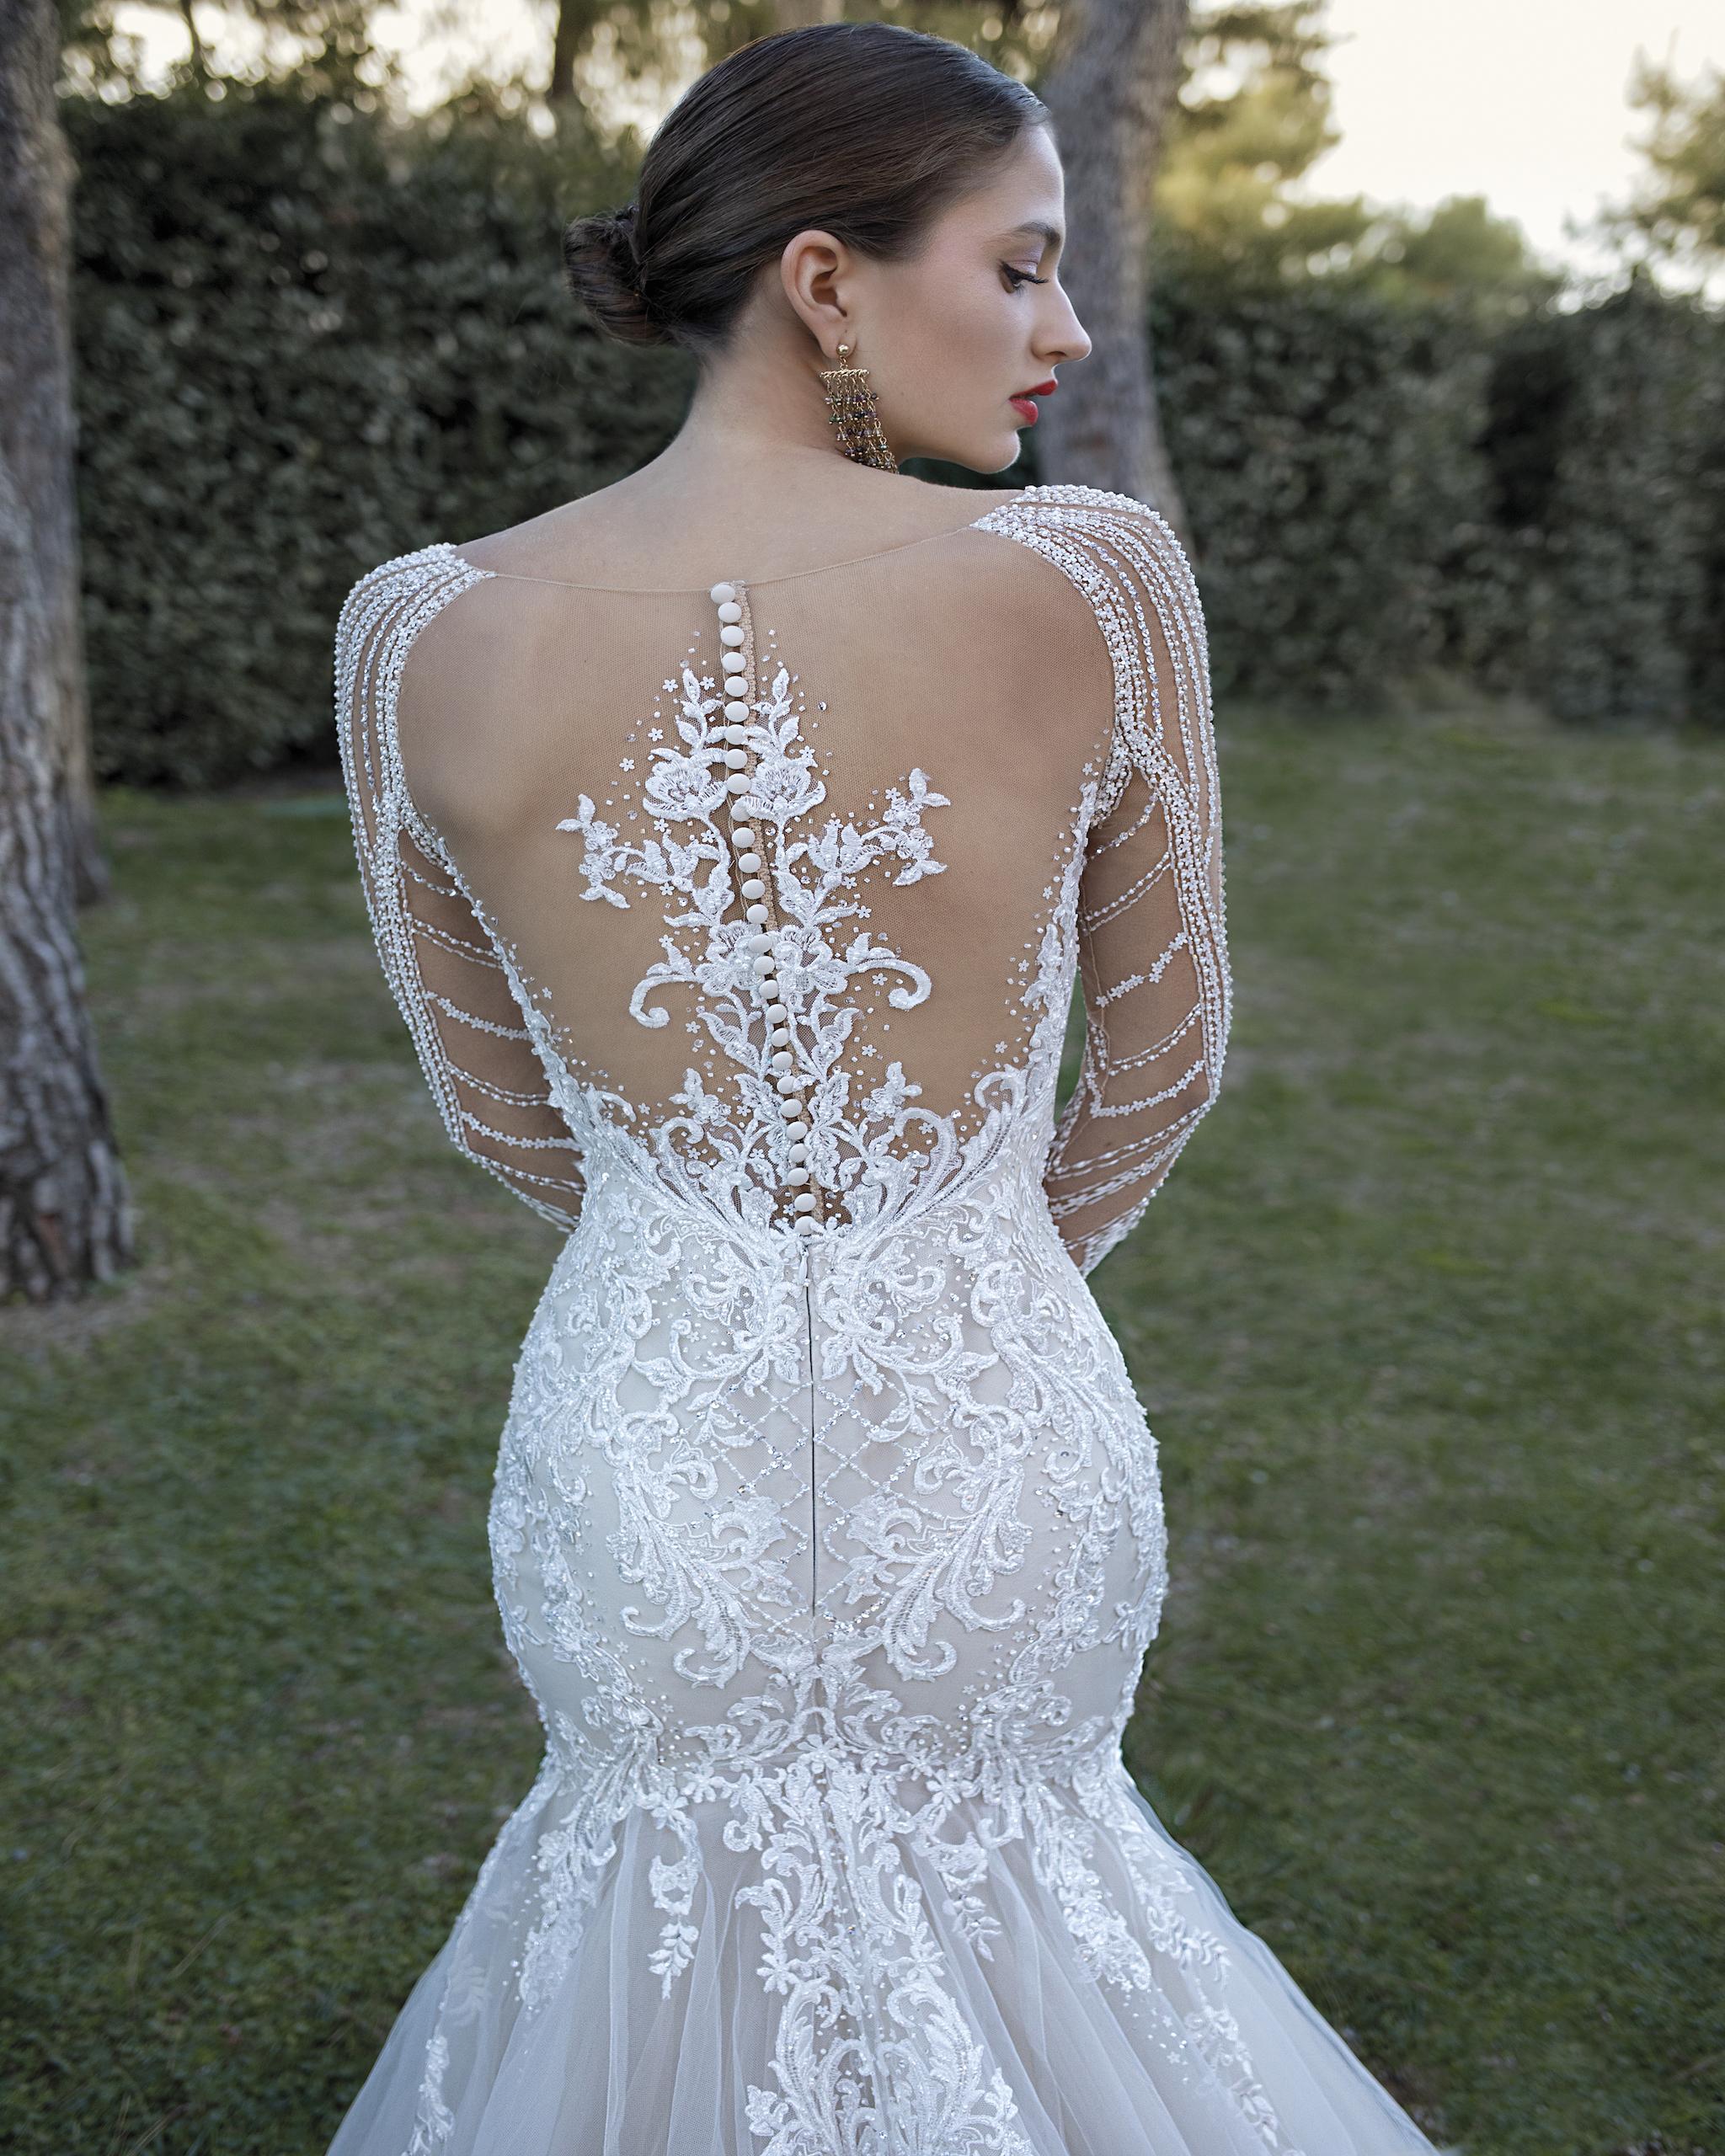 Idées de pose de photo de la mariée seule 2